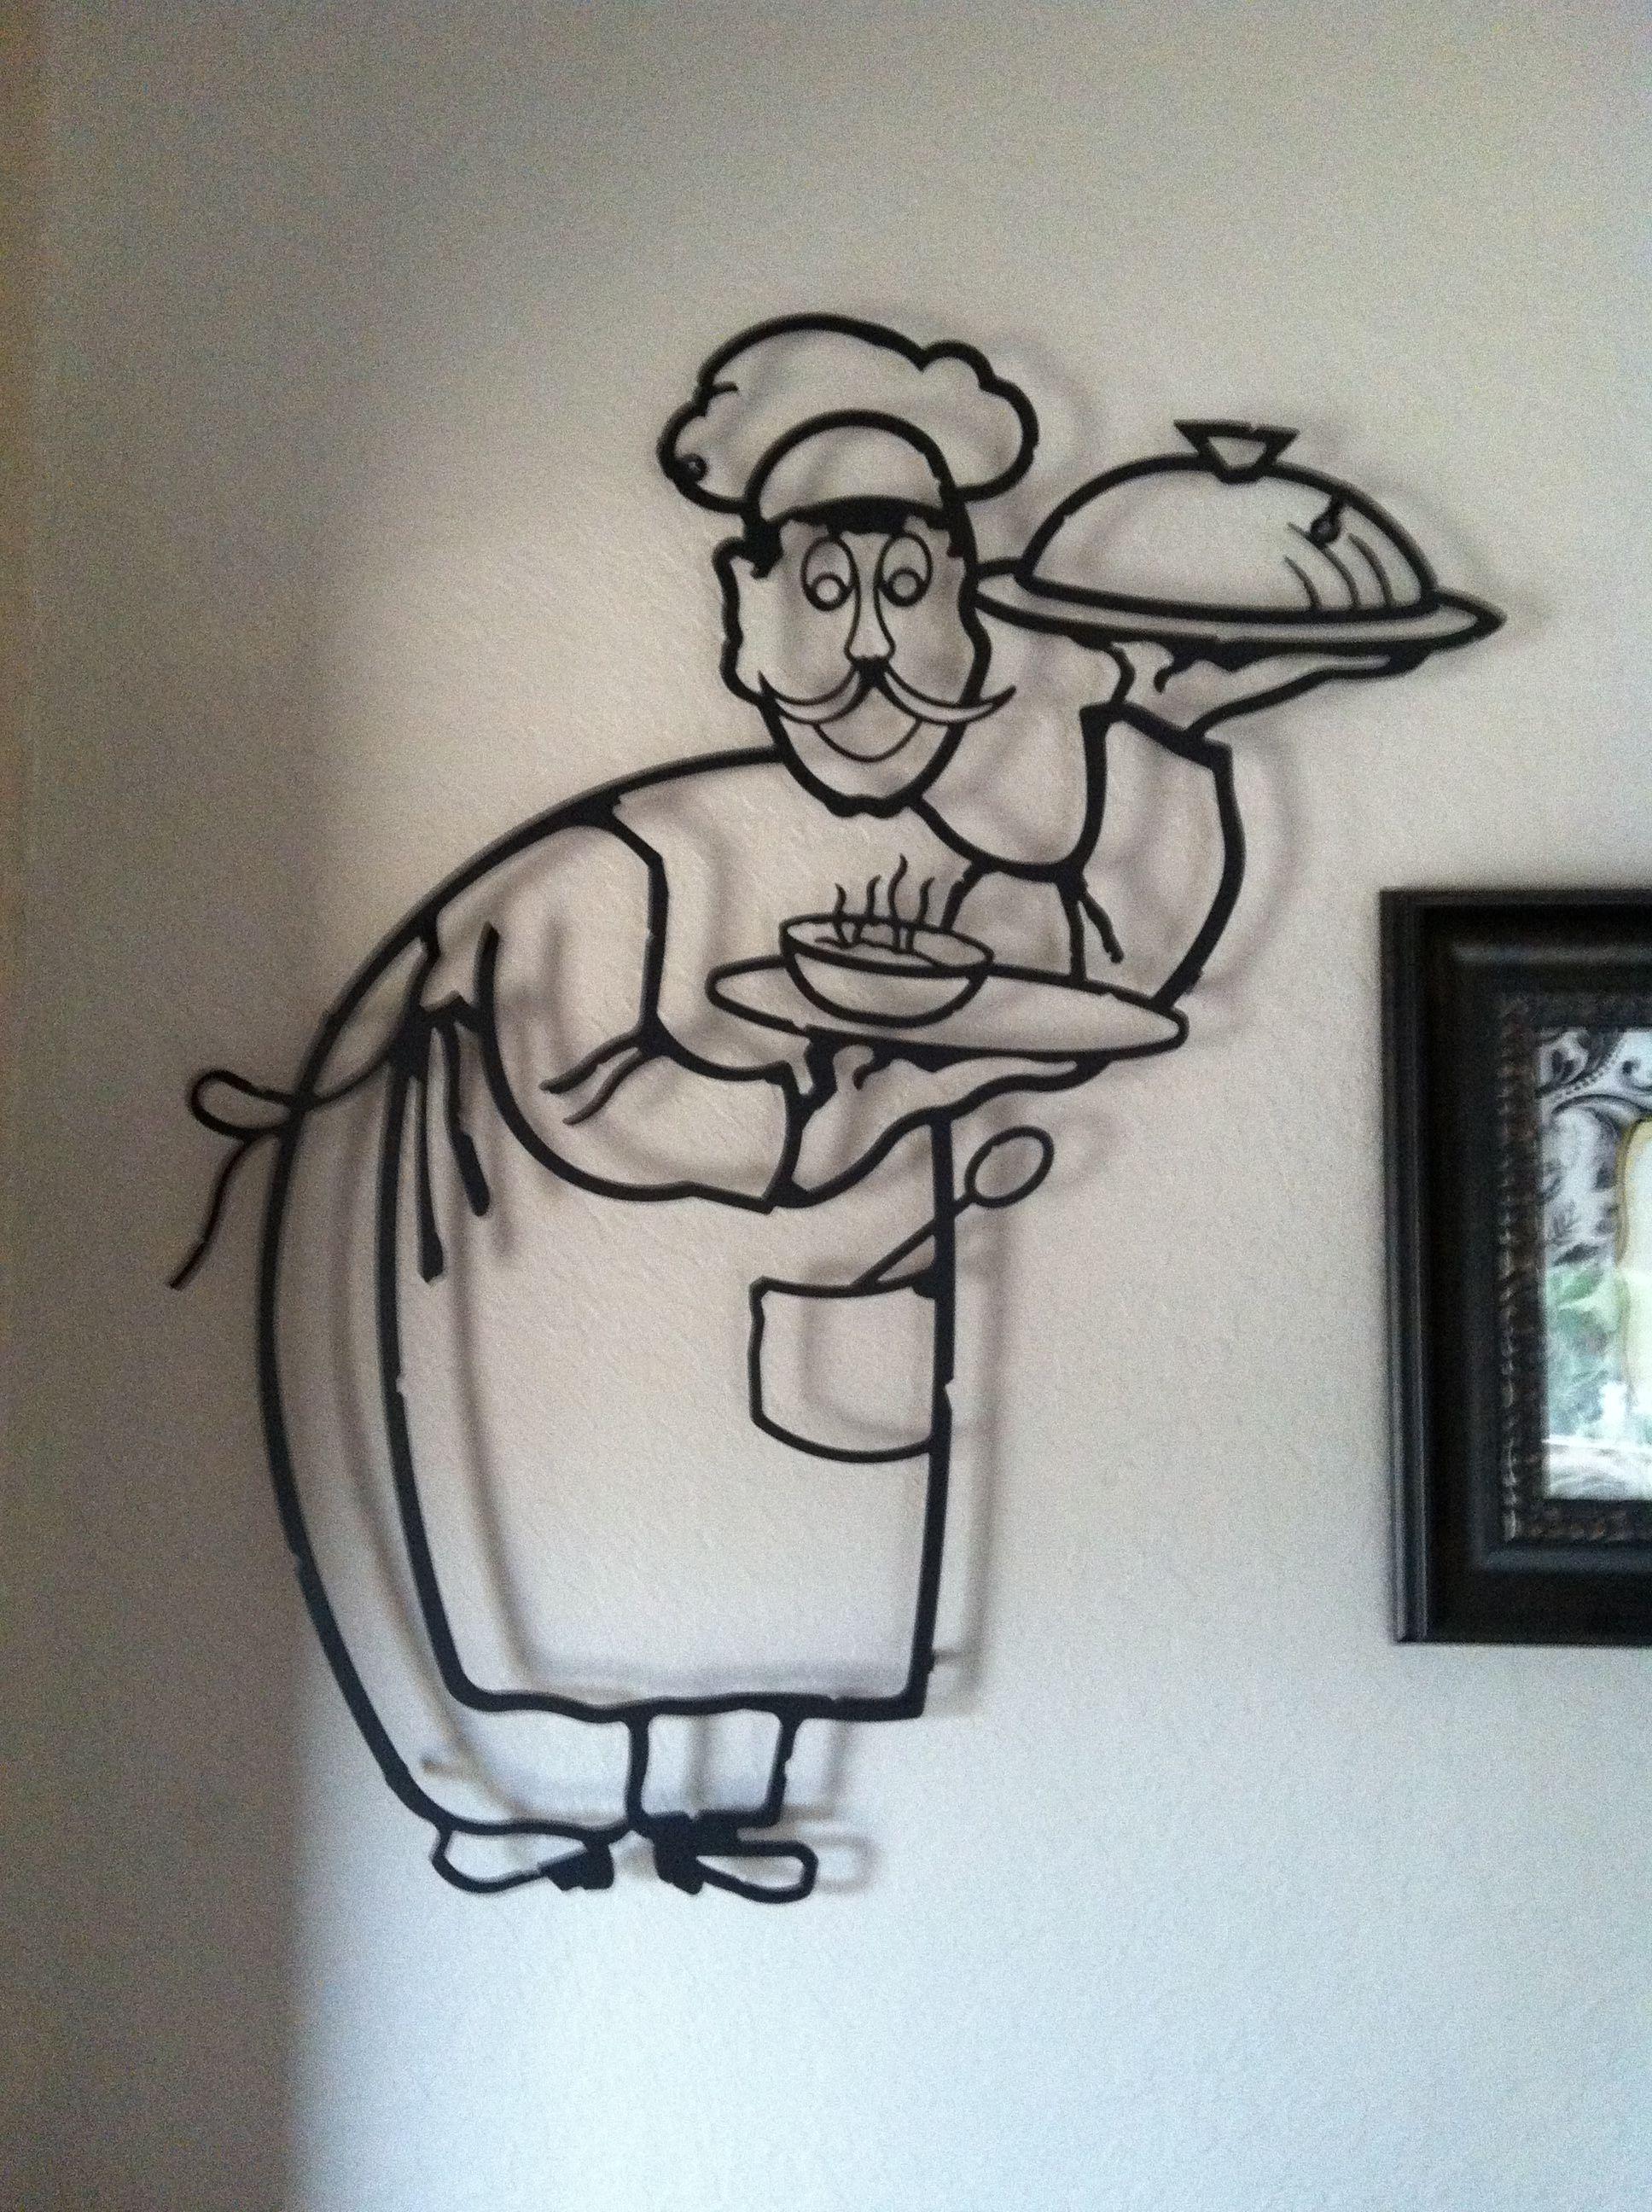 fat chef dishwasher magnet bistro kitchen door cover waiter home